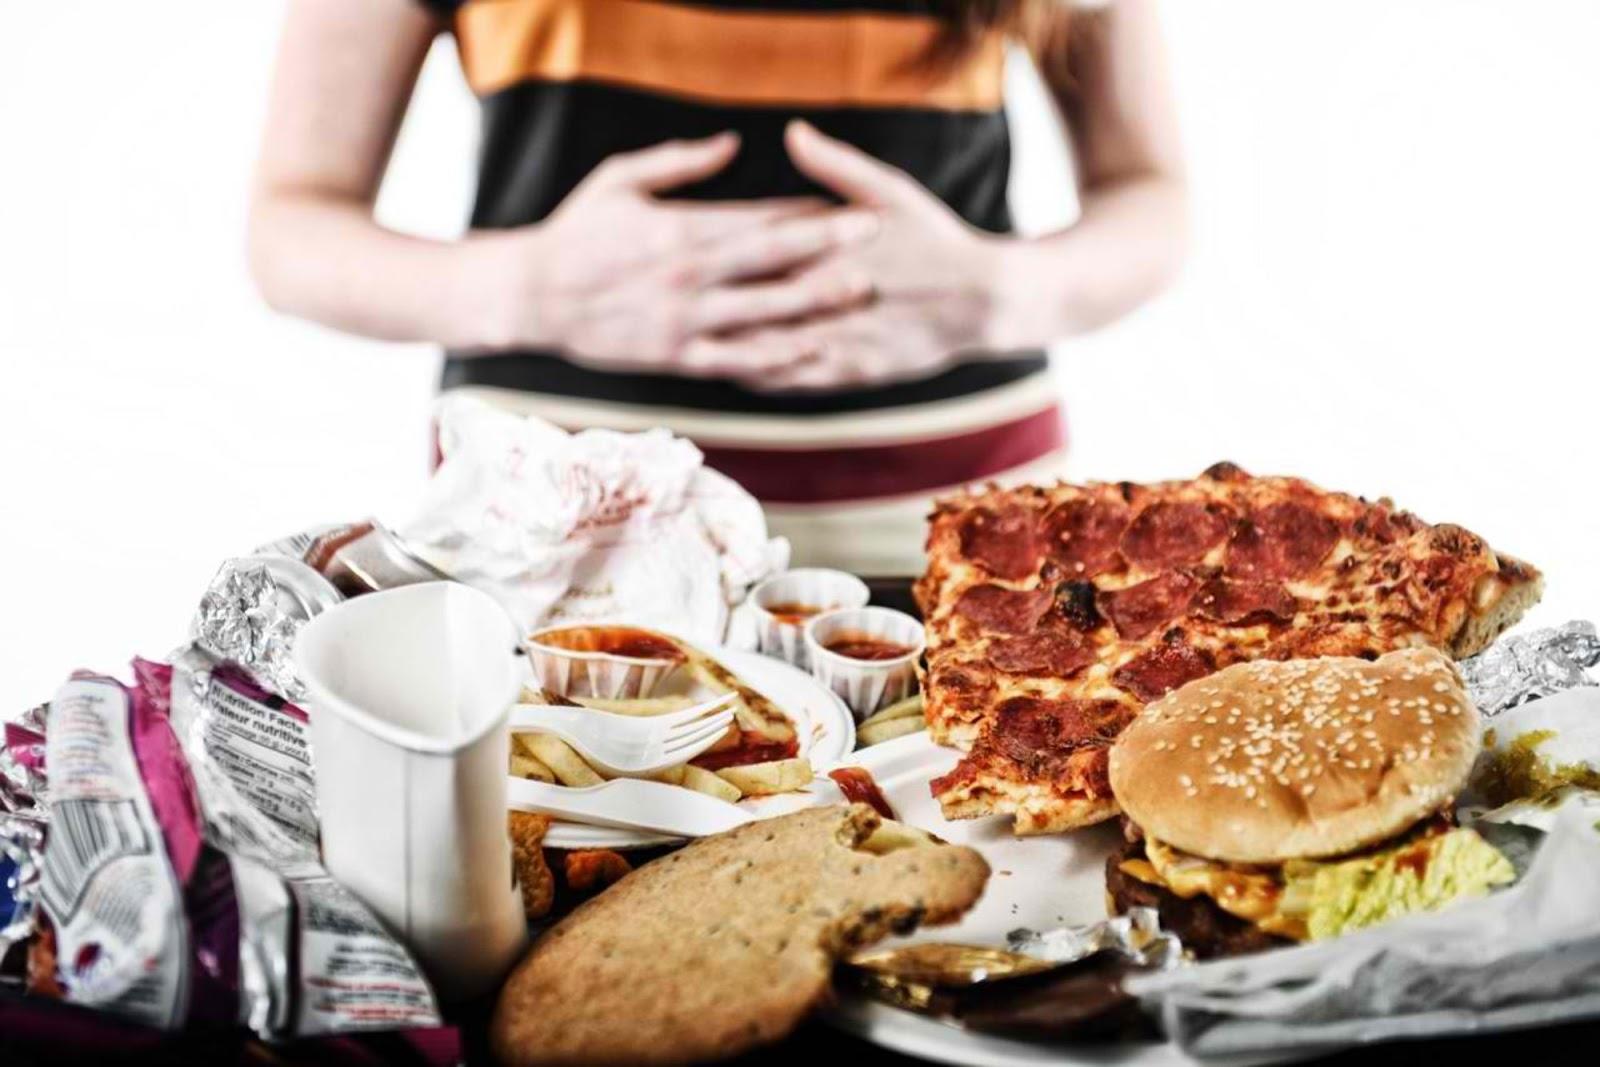 похудеть за месяц на 5 киллограм диета жизель будхен